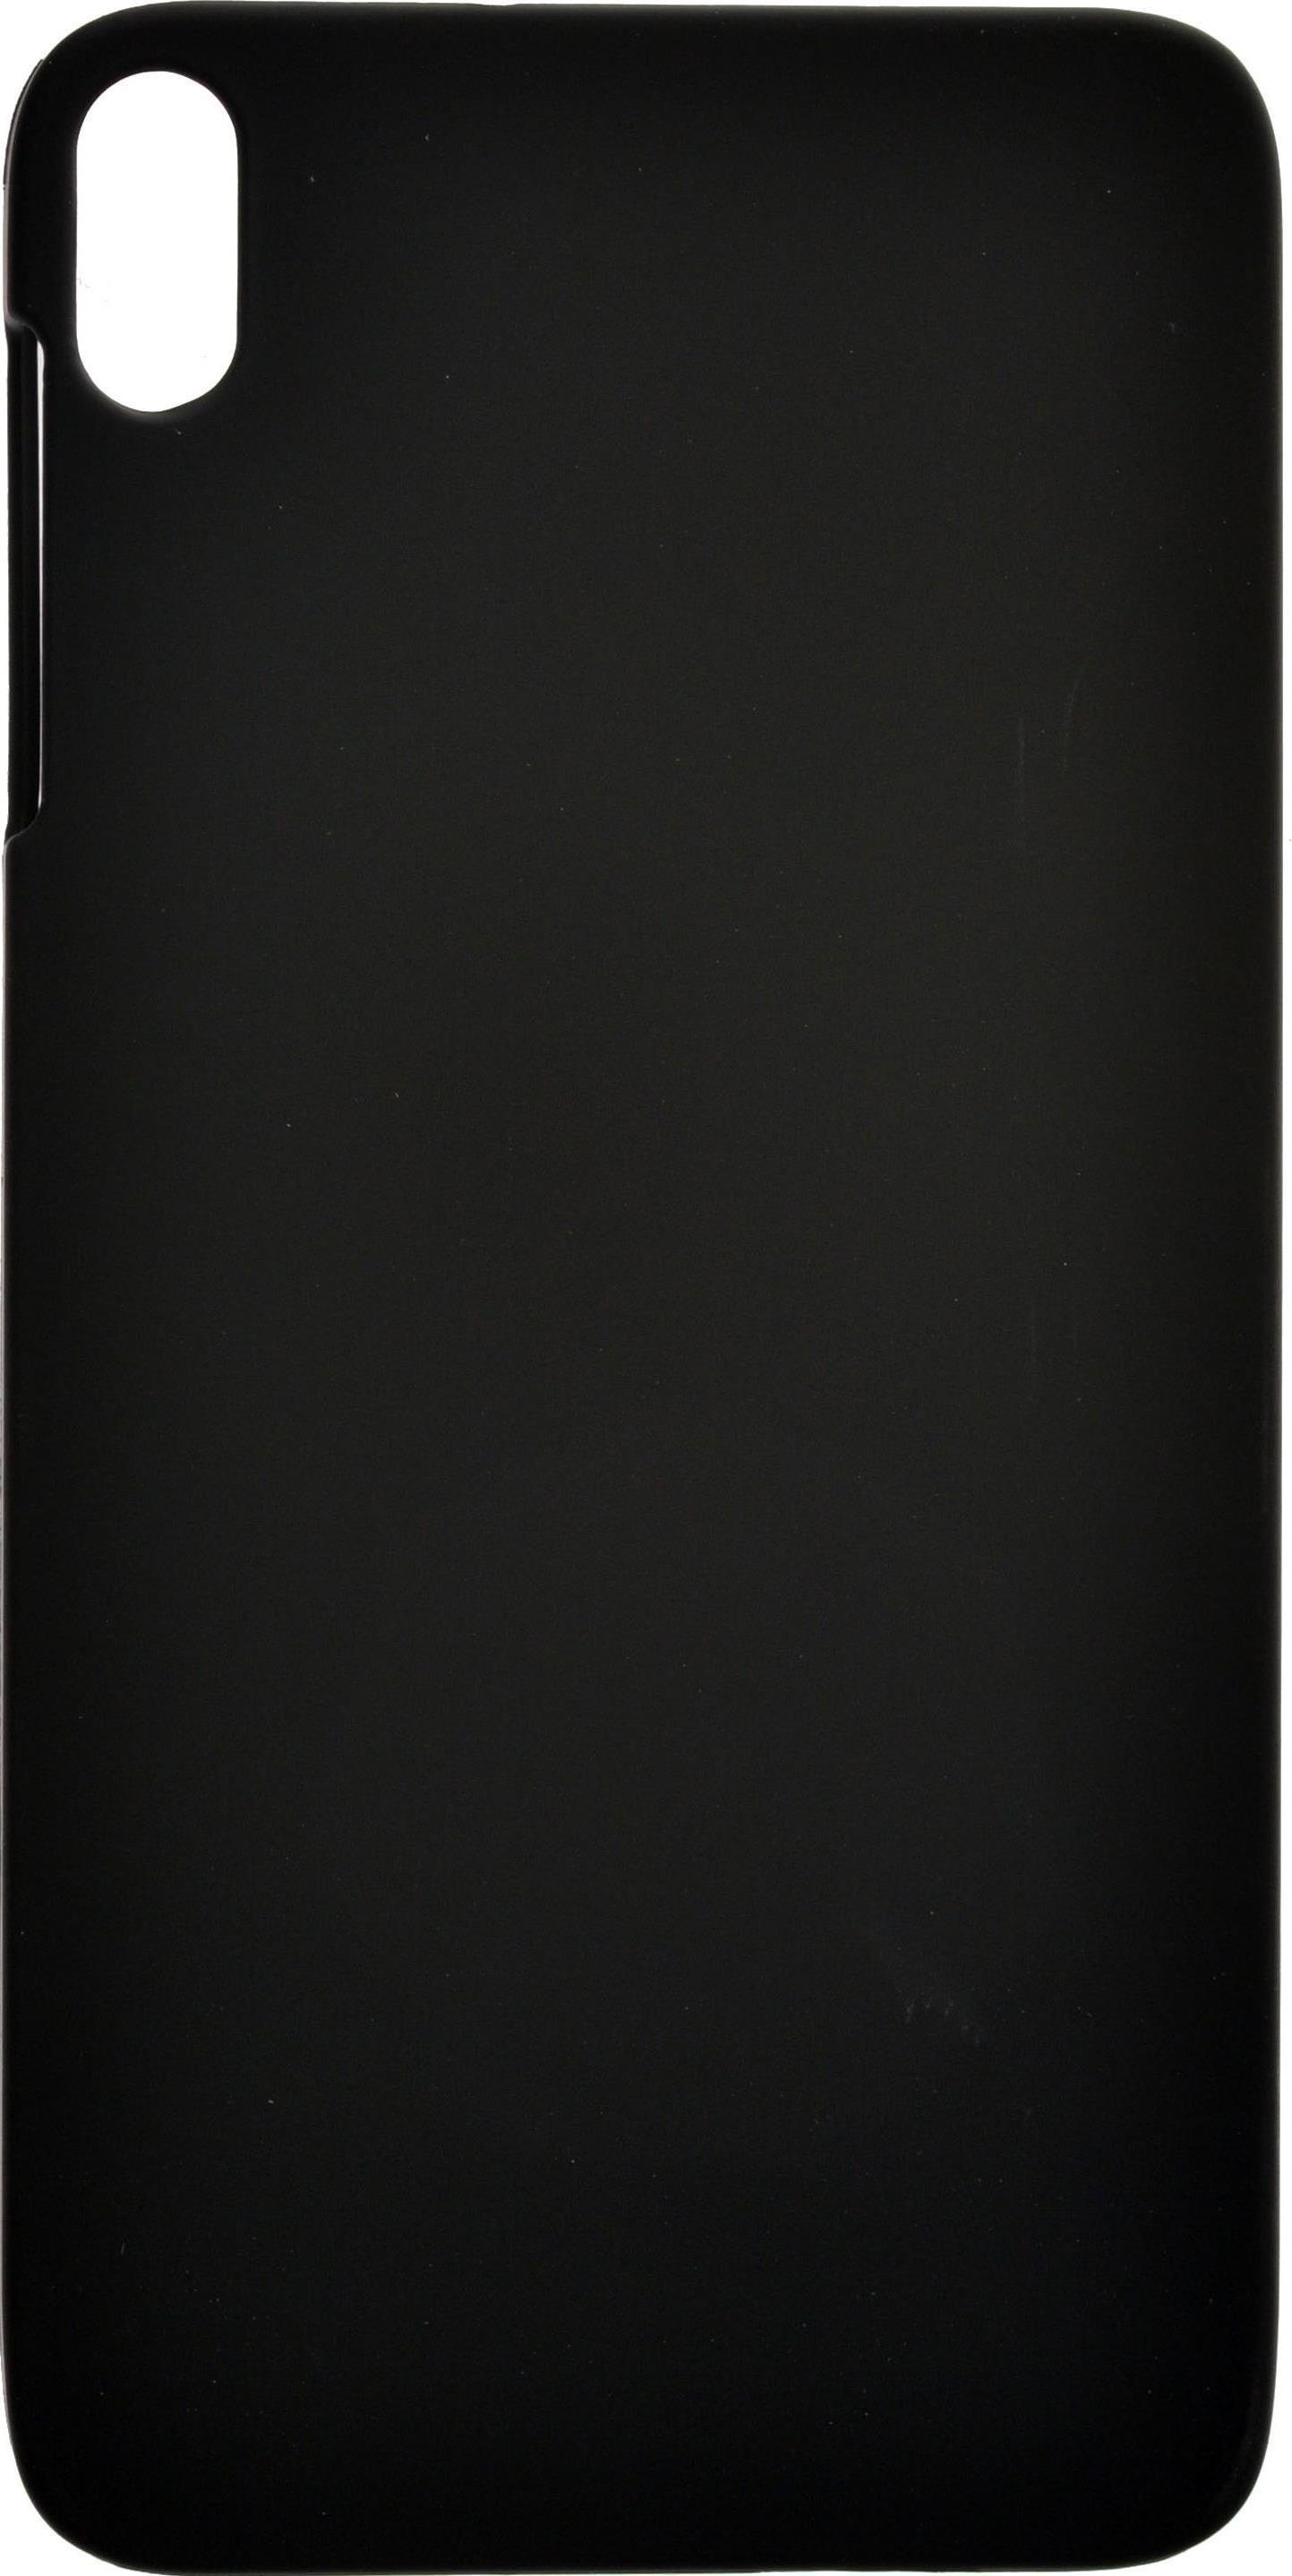 Чехол для сотового телефона skinBOX 4People, 4630042524965, черный